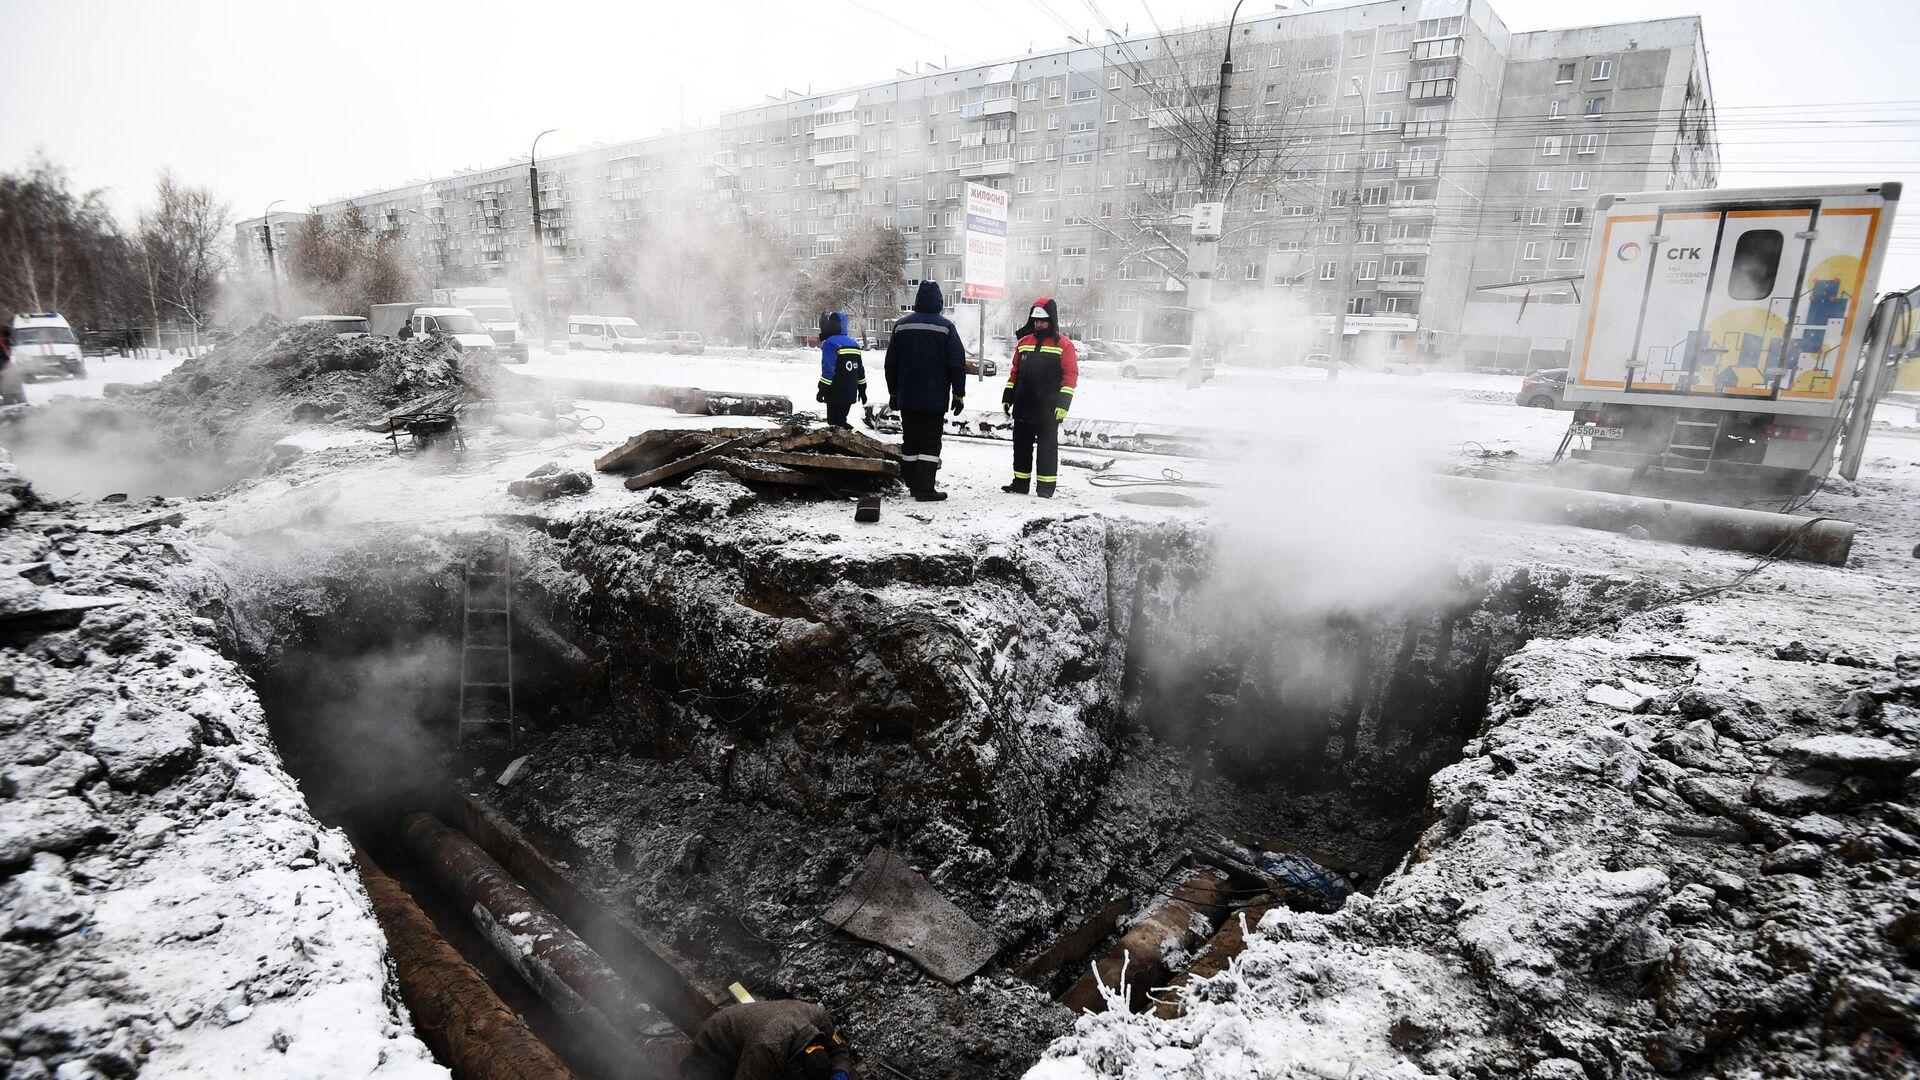 Сотрудники аварийных служб ликвидируют последствия аварии на теплотрассе в Кировском районе Новосибирска - РИА Новости, 1920, 10.03.2021